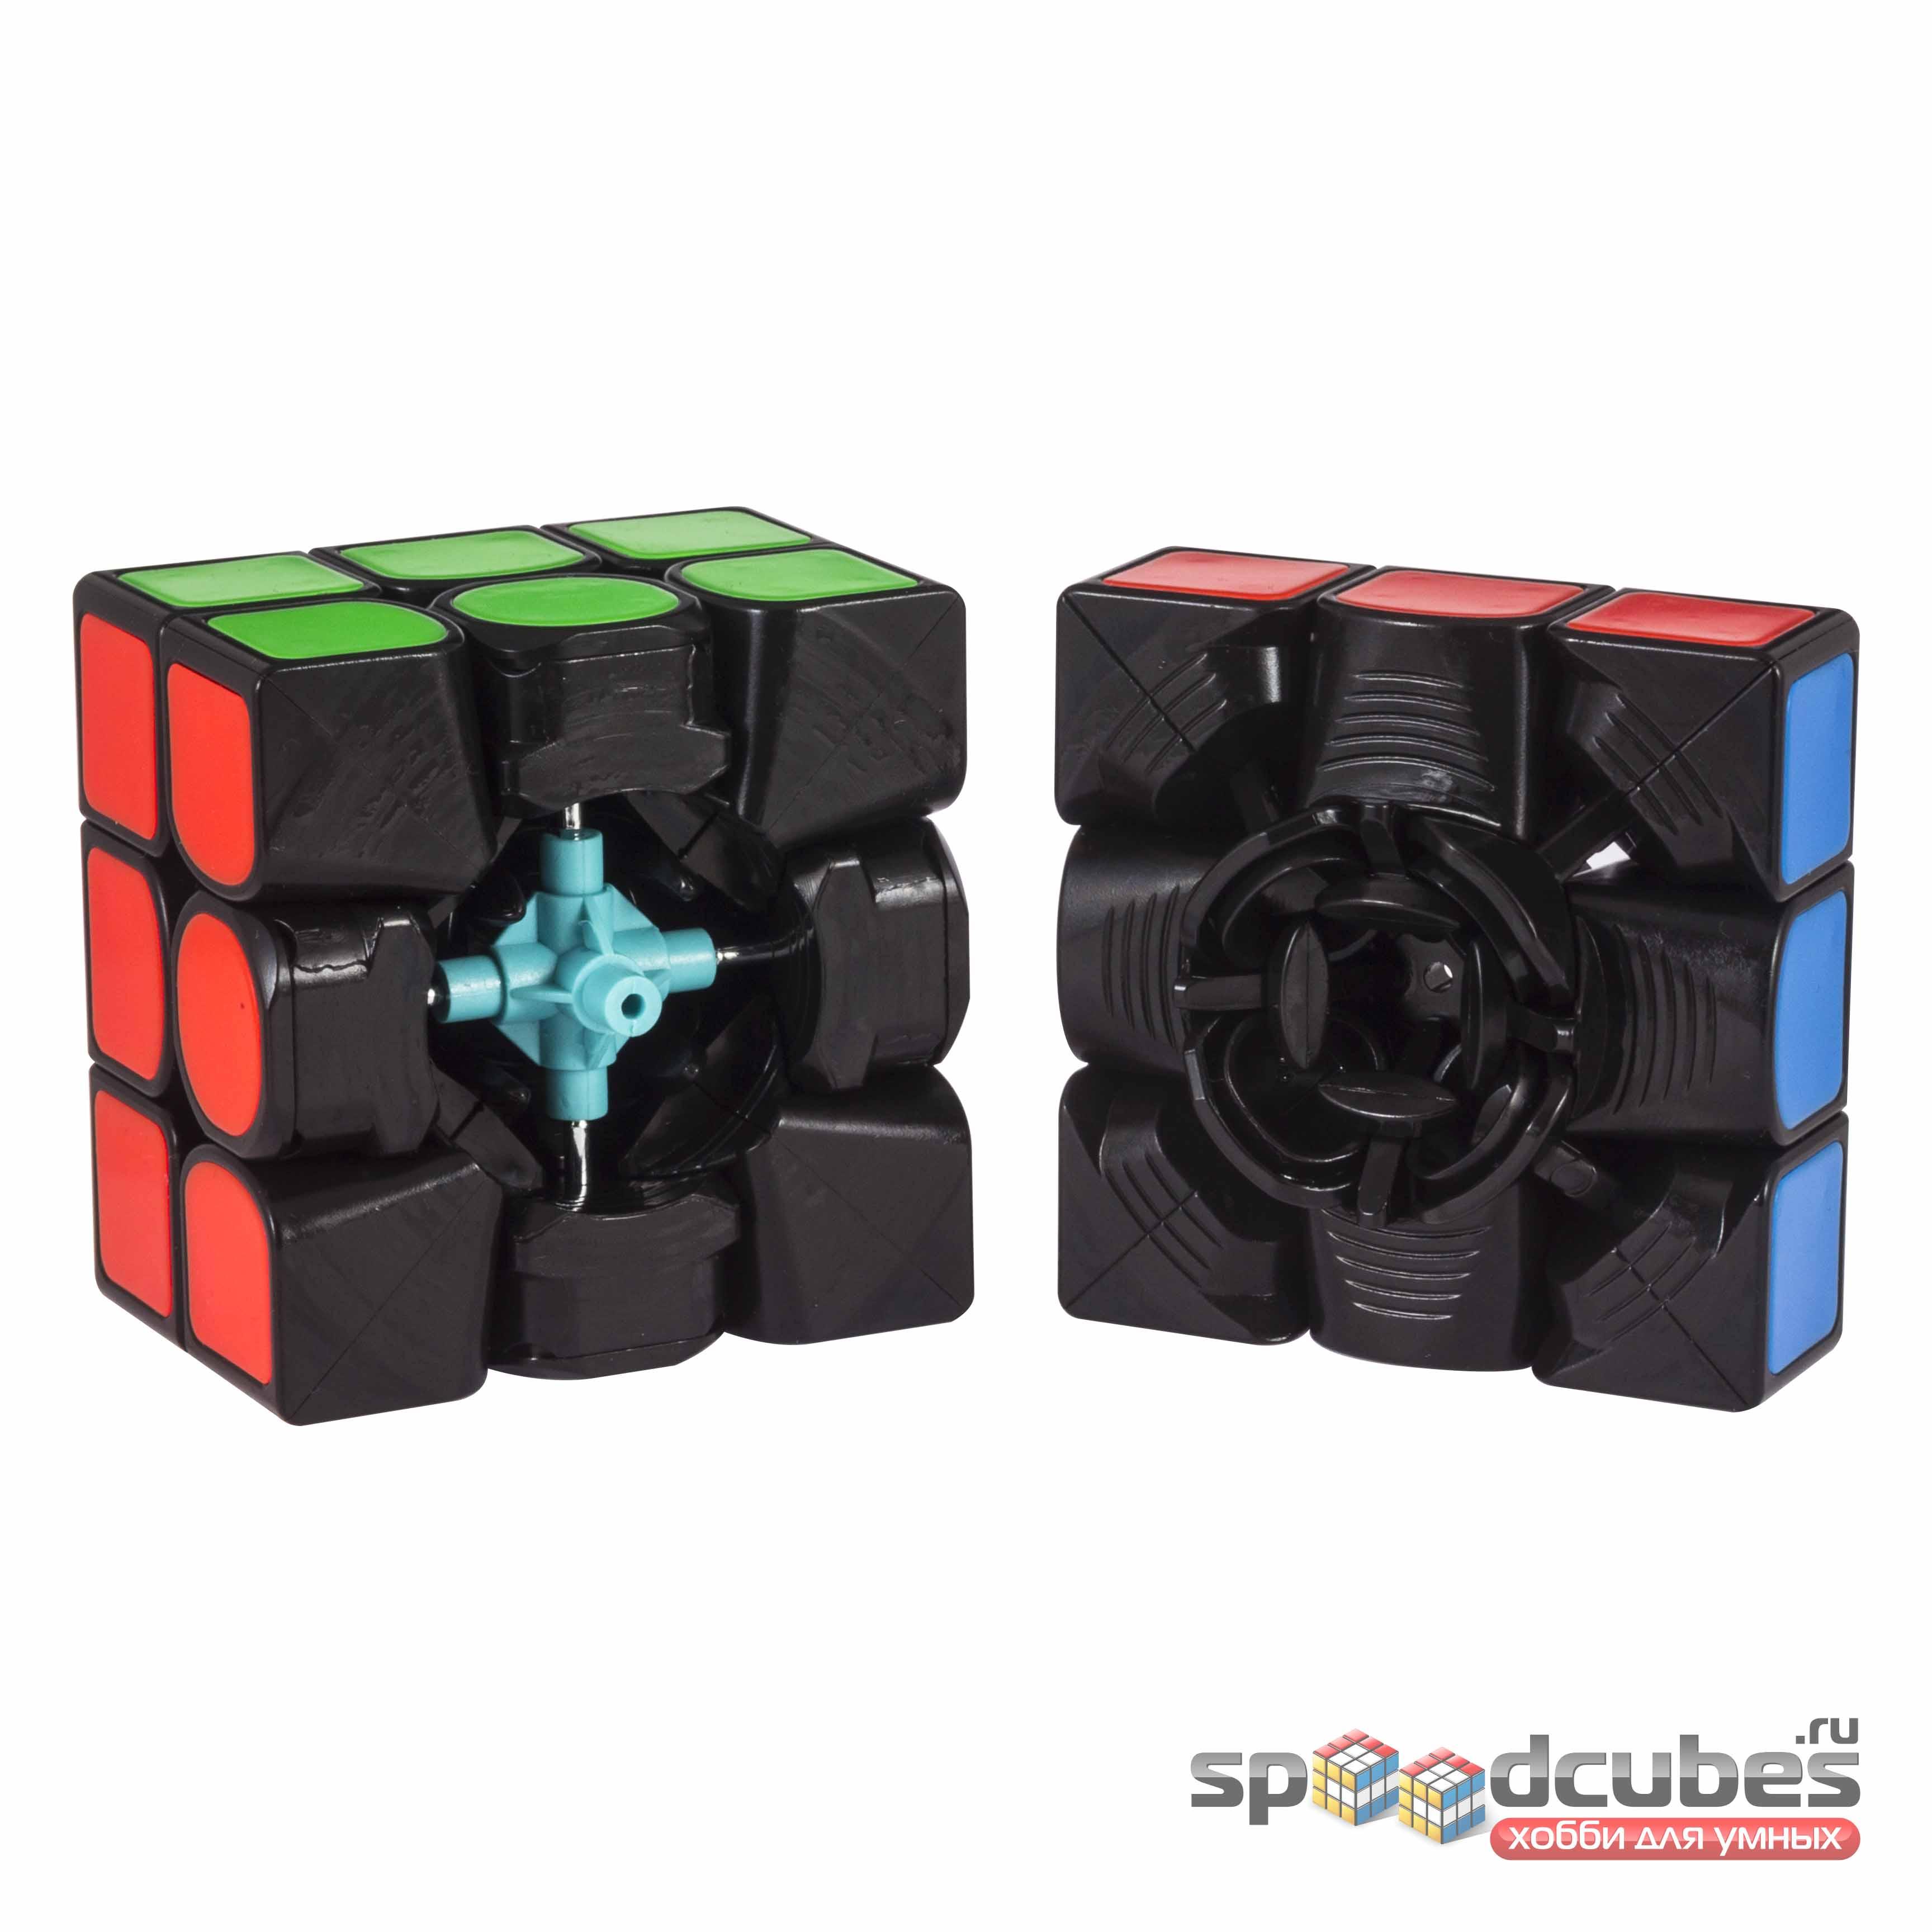 Yuxin 3x3x3 Kylin V2 M Black 4